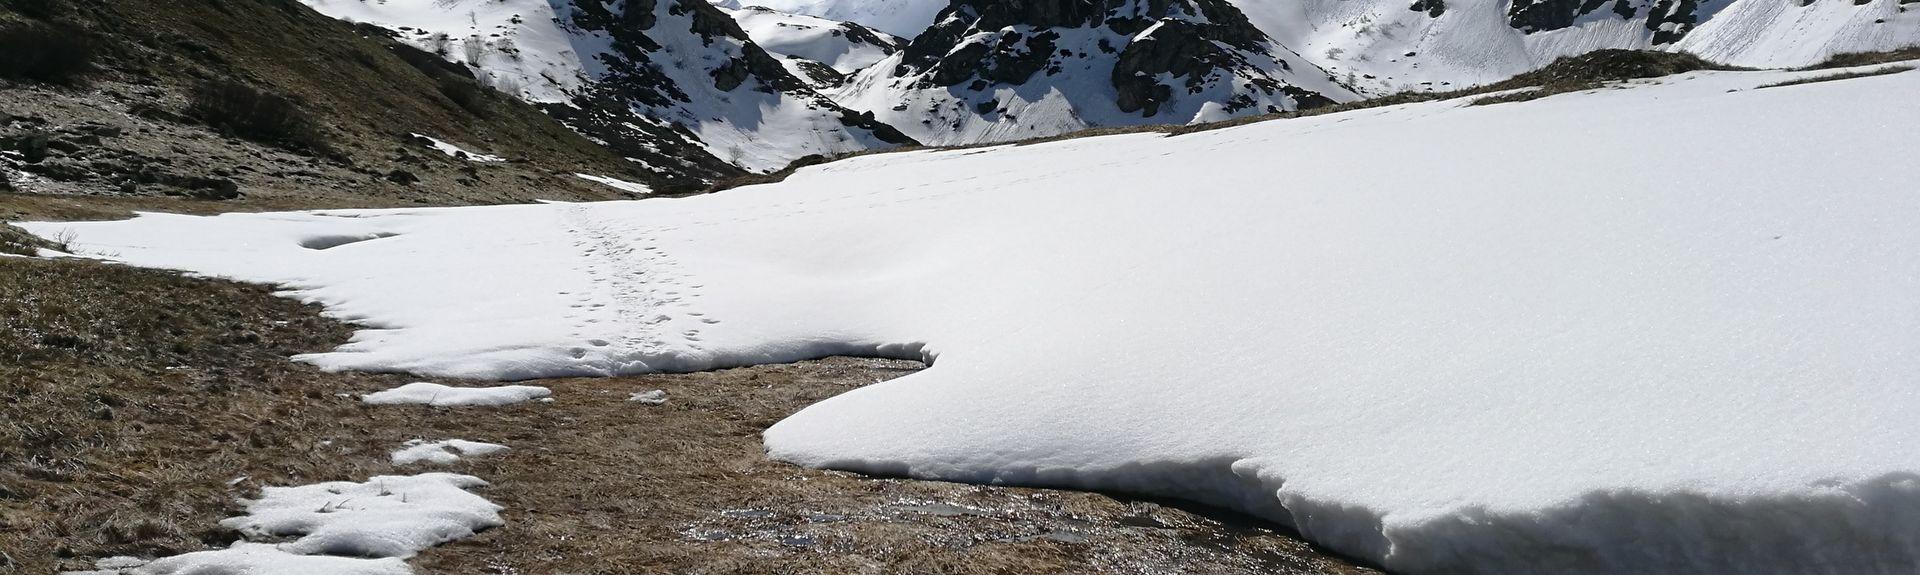 Χιονοδρομικό Κέντρο του Βαλμεϊνιέρ, Valmeinier, Οβέρν-Ρον-Αλπ, Γαλλία